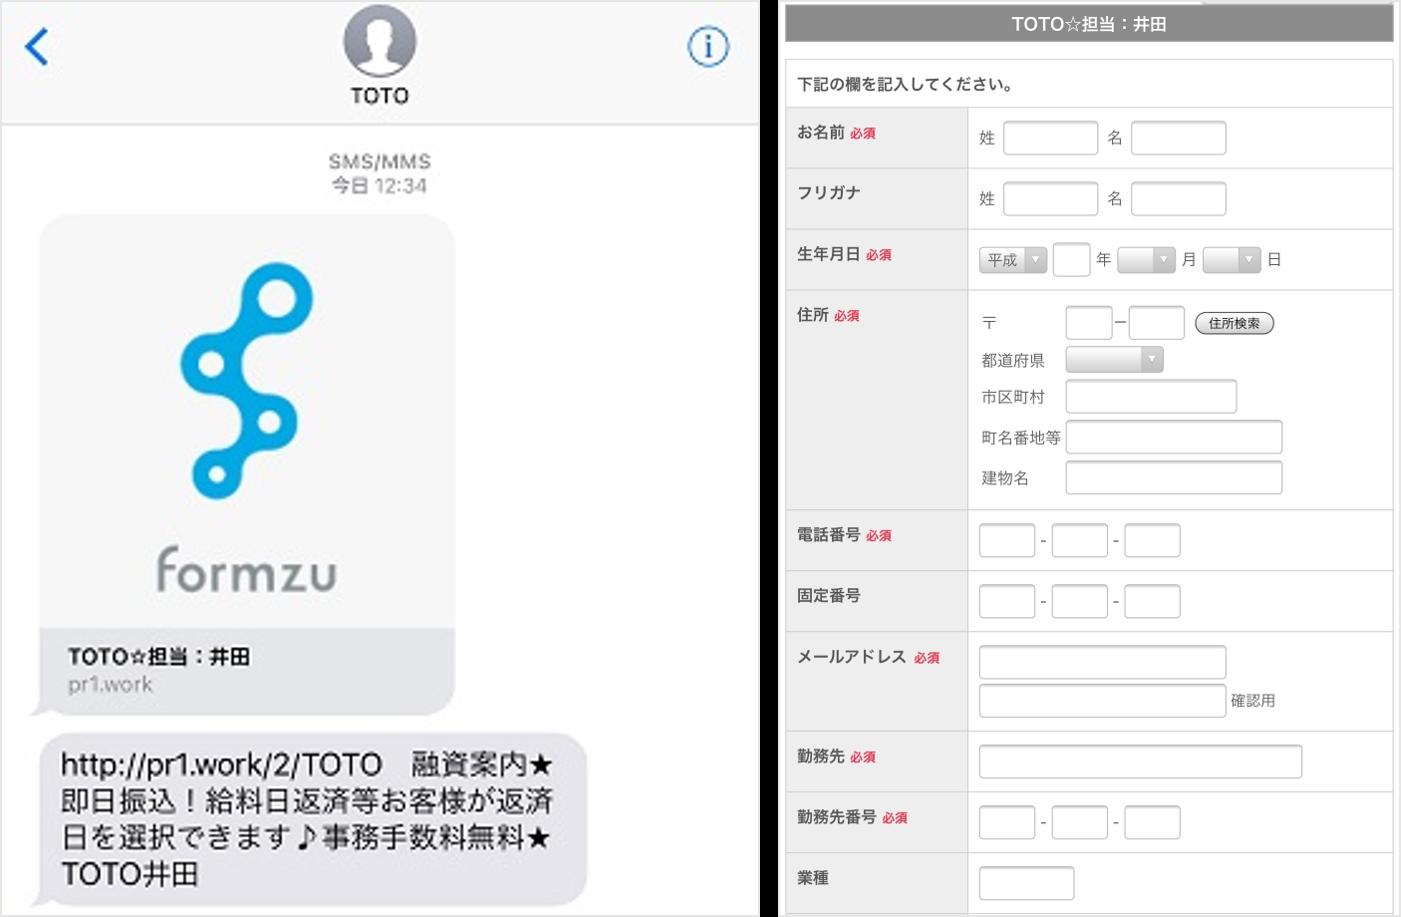 TOTO井田からのメール画像と申し込みフォーム